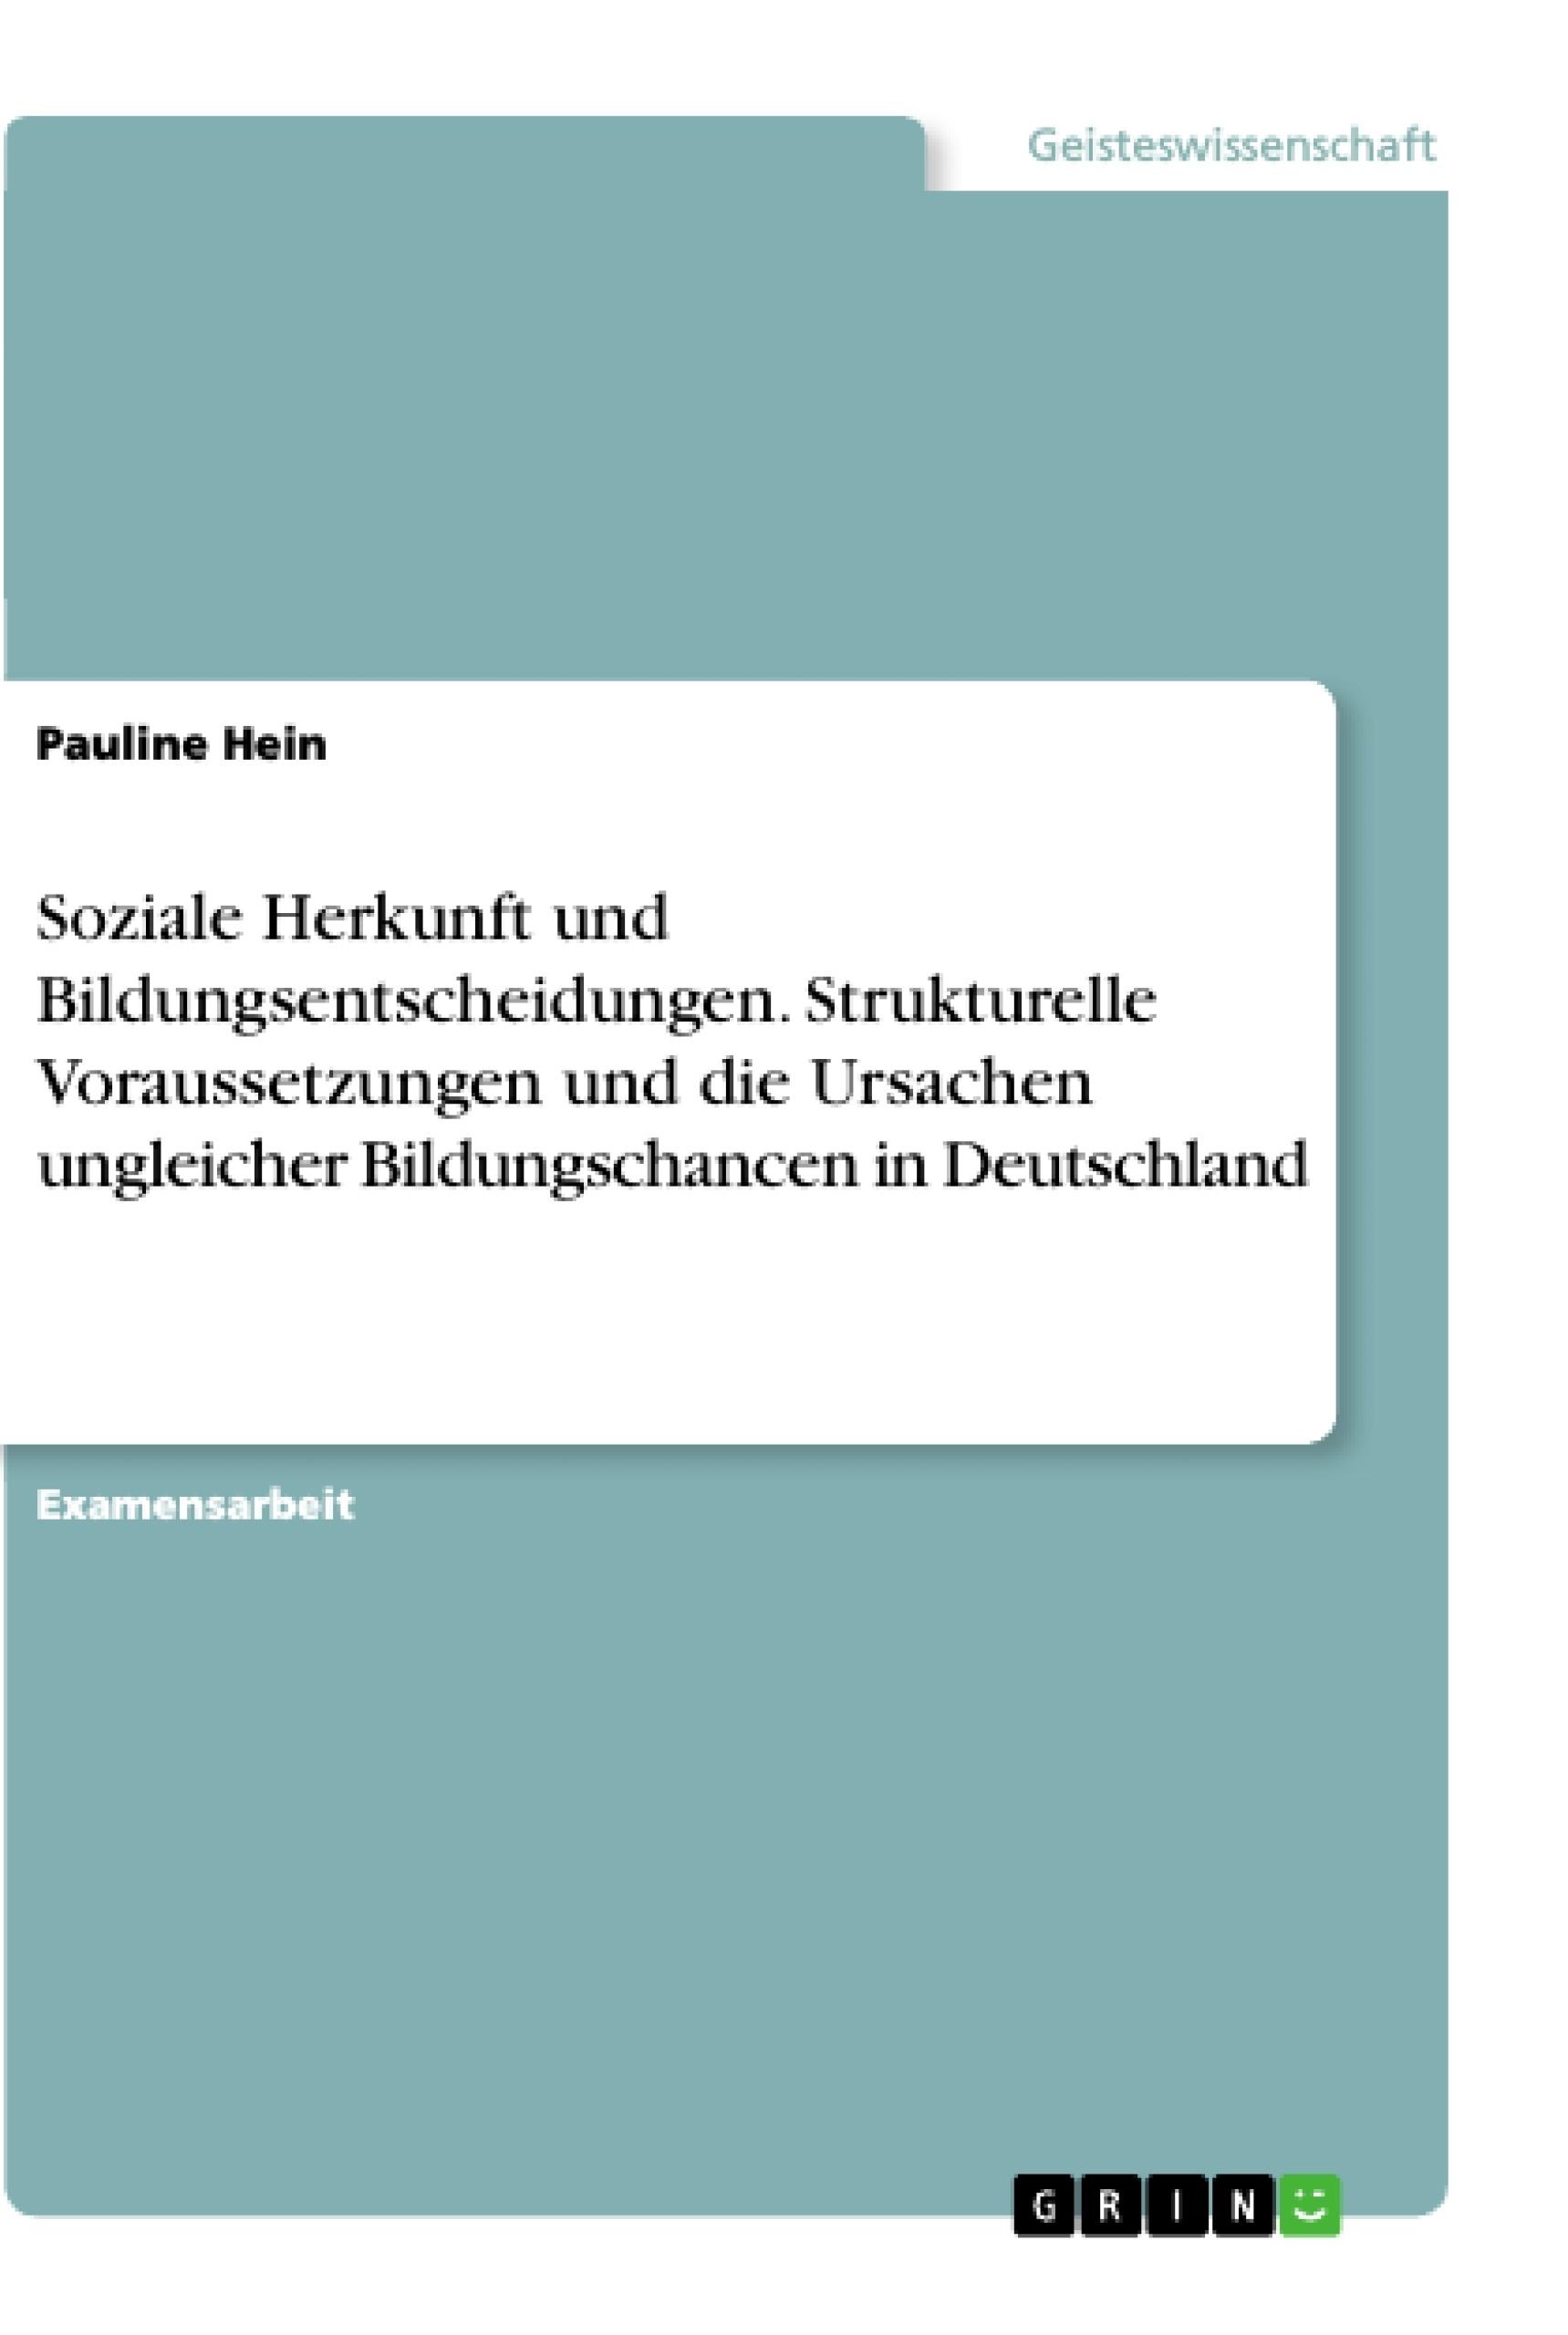 Titel: Soziale Herkunft und Bildungsentscheidungen. Strukturelle Voraussetzungen und die Ursachen ungleicher Bildungschancen in Deutschland